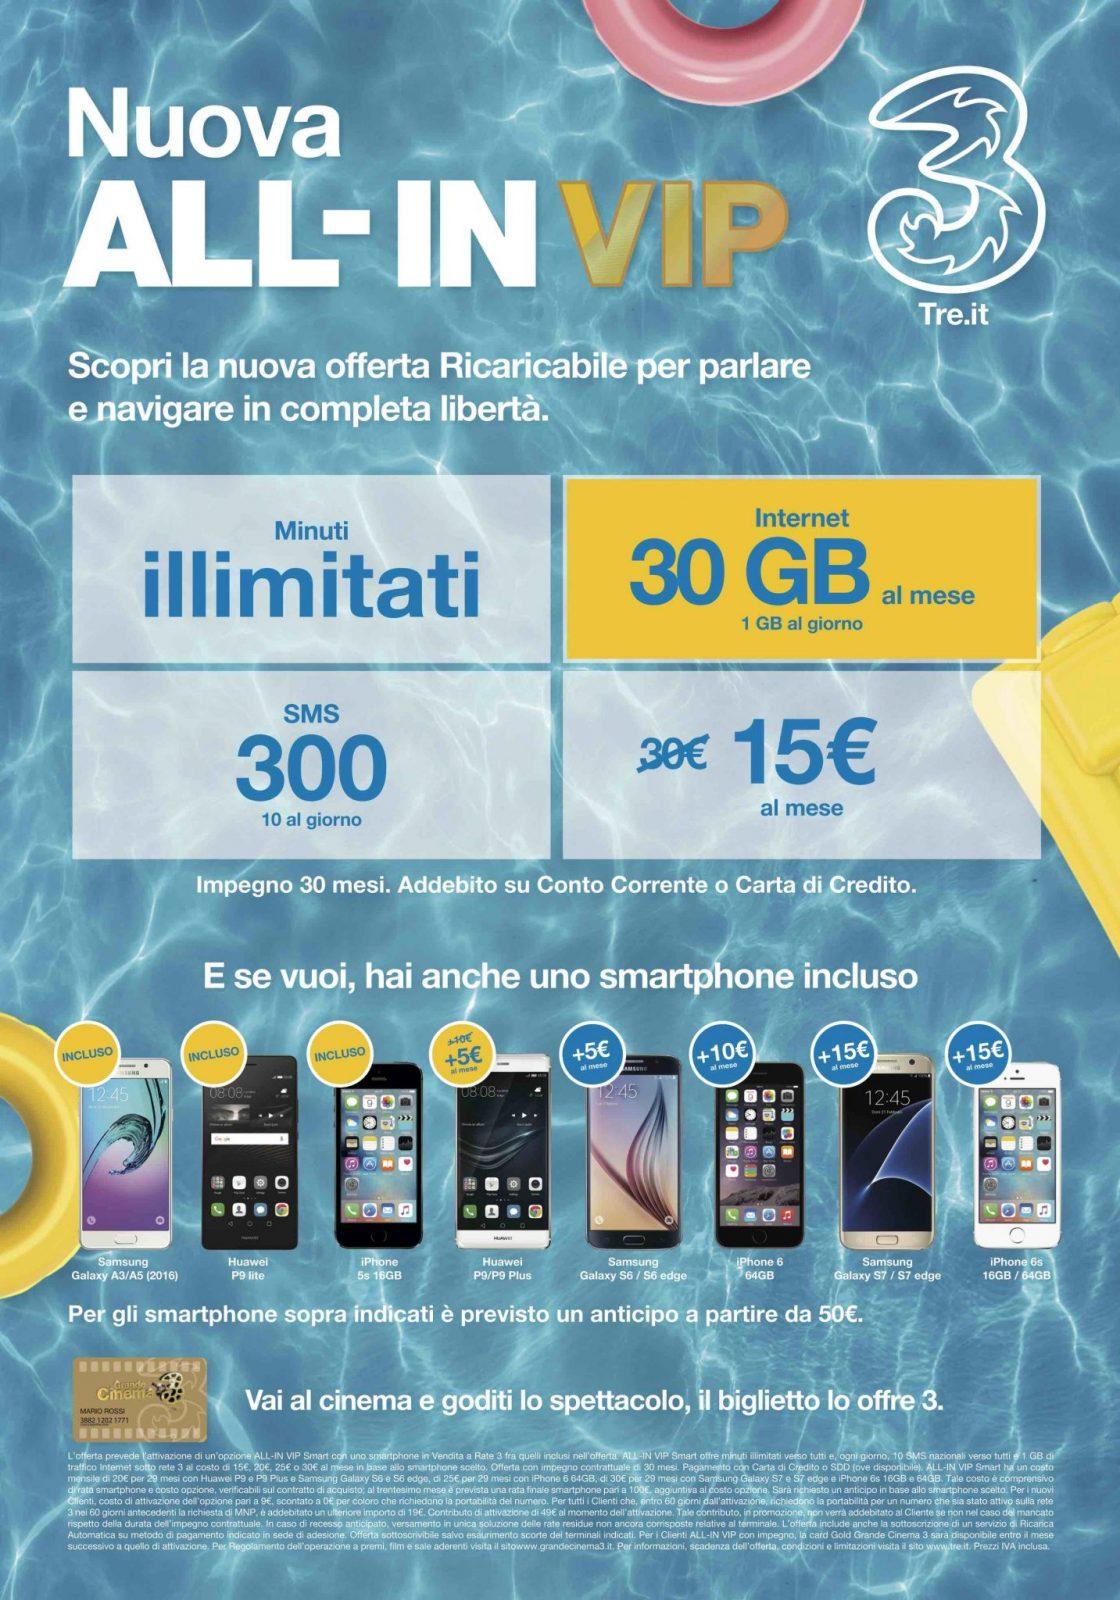 30 Giga al mese, minuti illimitati e smartphone a 15 euro al mese? Solo con Tre!